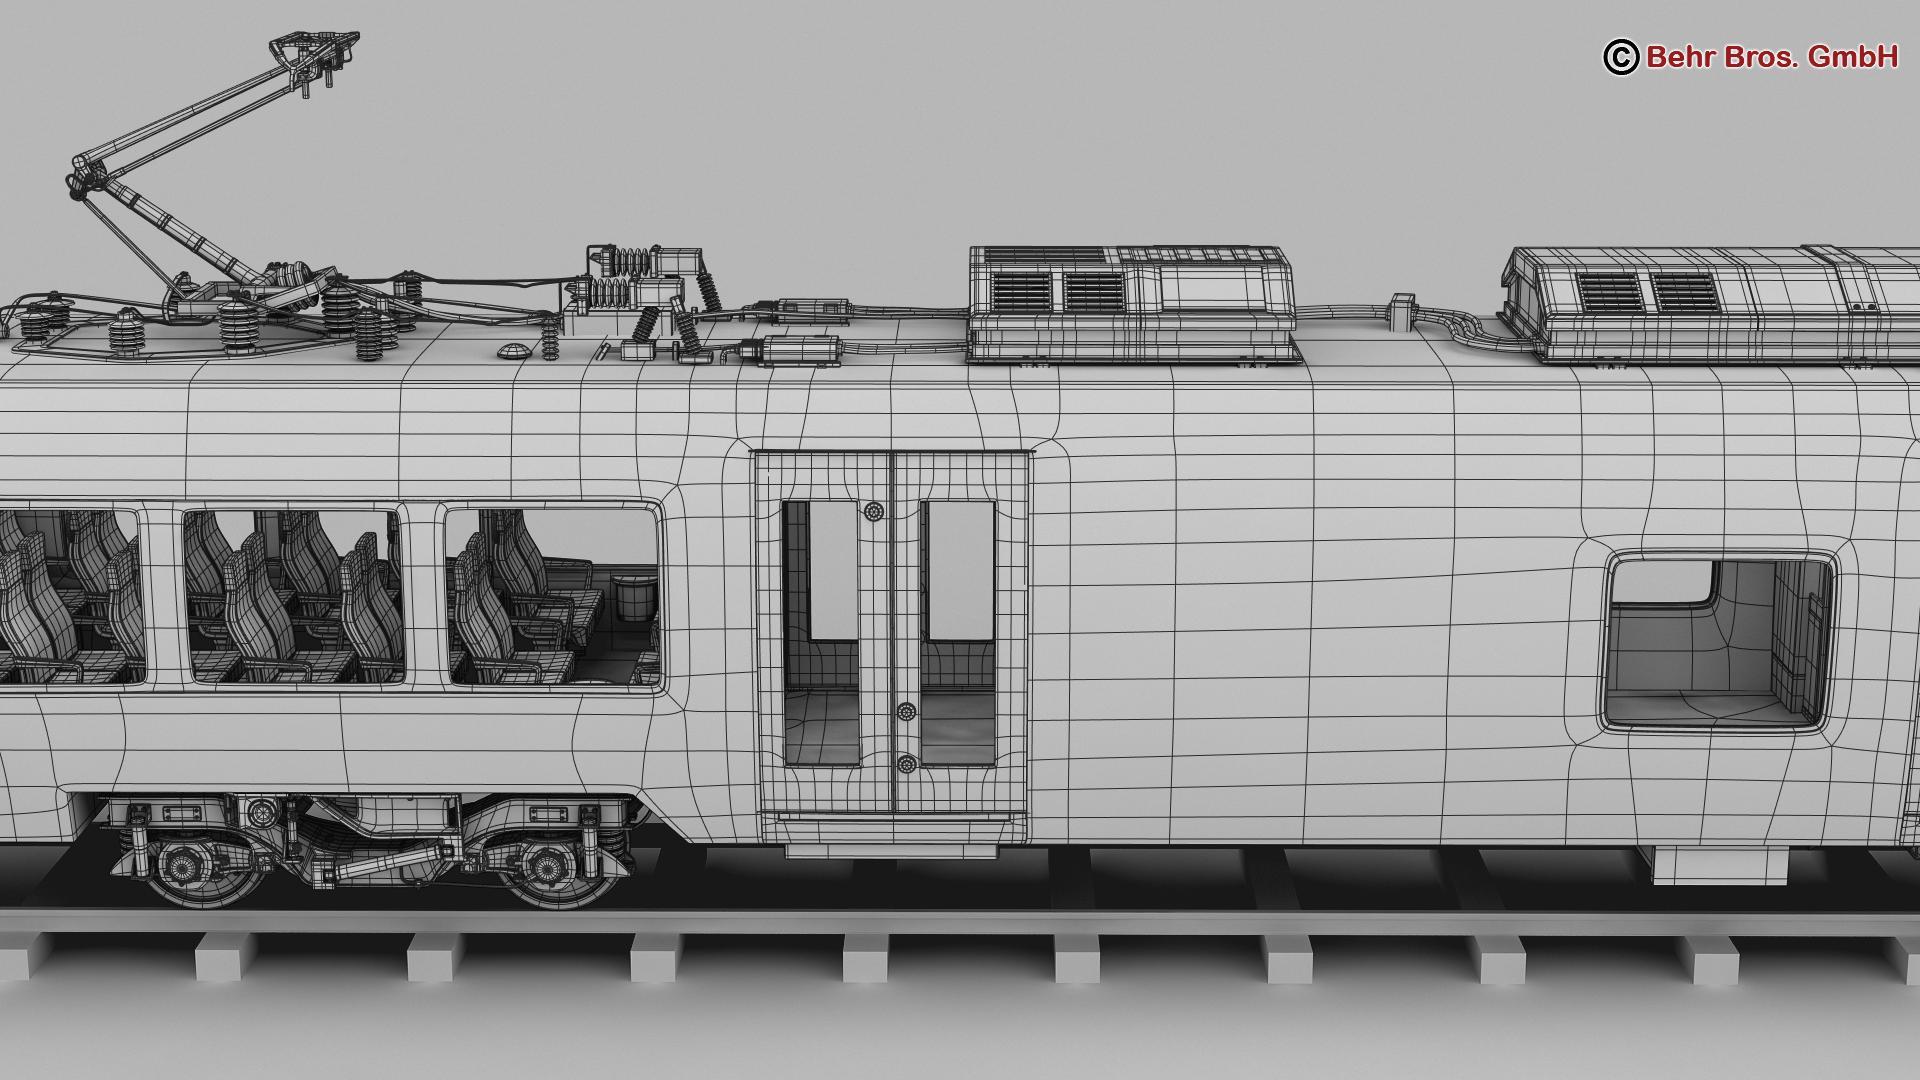 generic commuter train 3d model 3ds max fbx c4d ma mb obj 206635